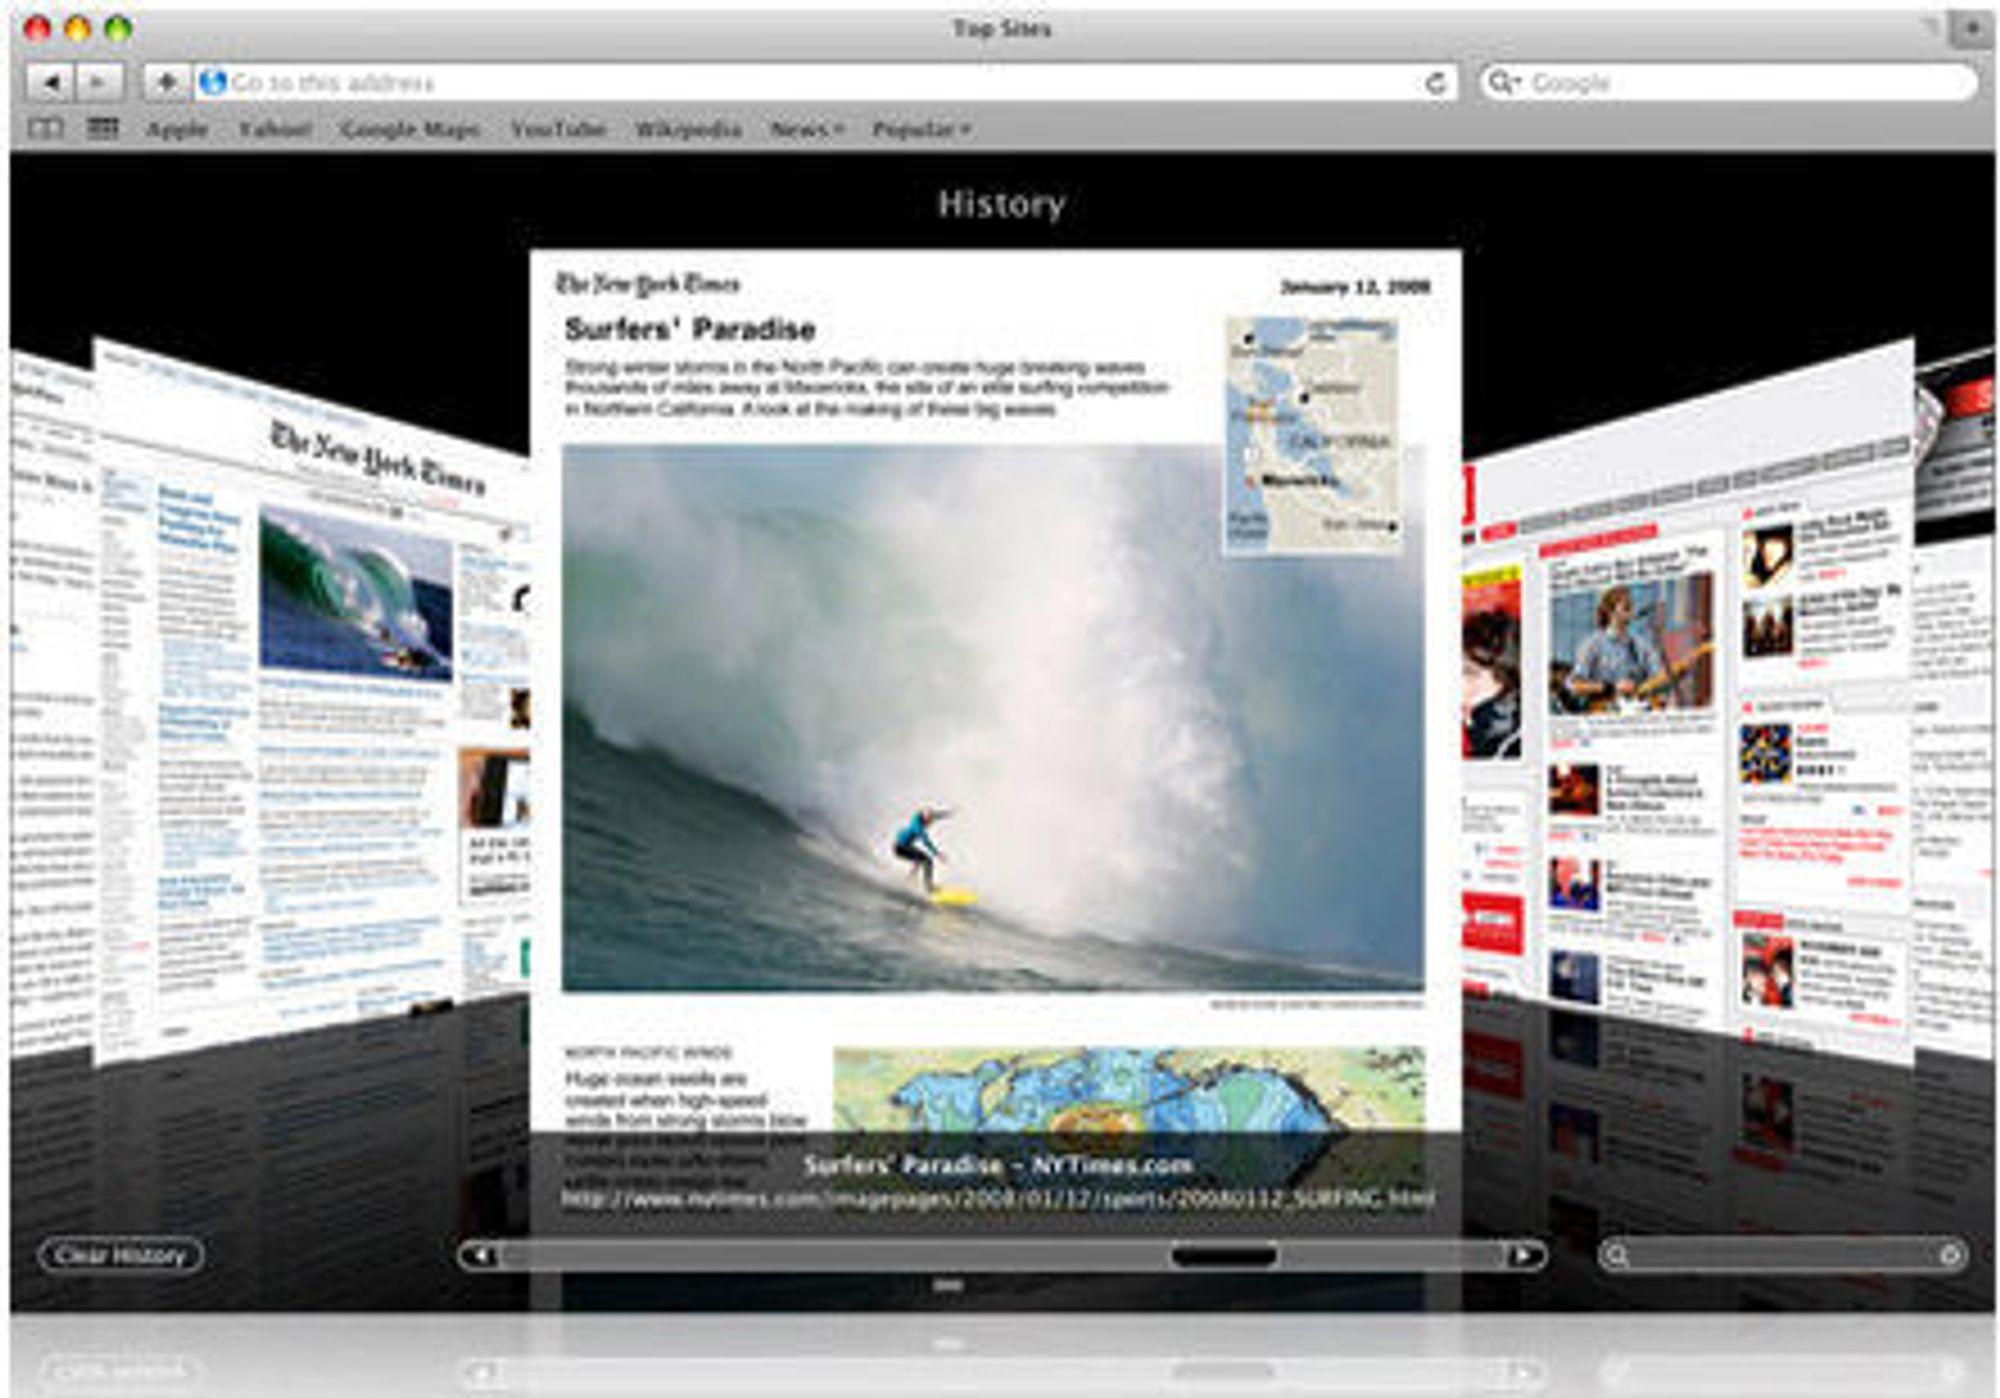 Safari 4 med Cover Flow i resultatene fra søk i nettleserhistorikken.